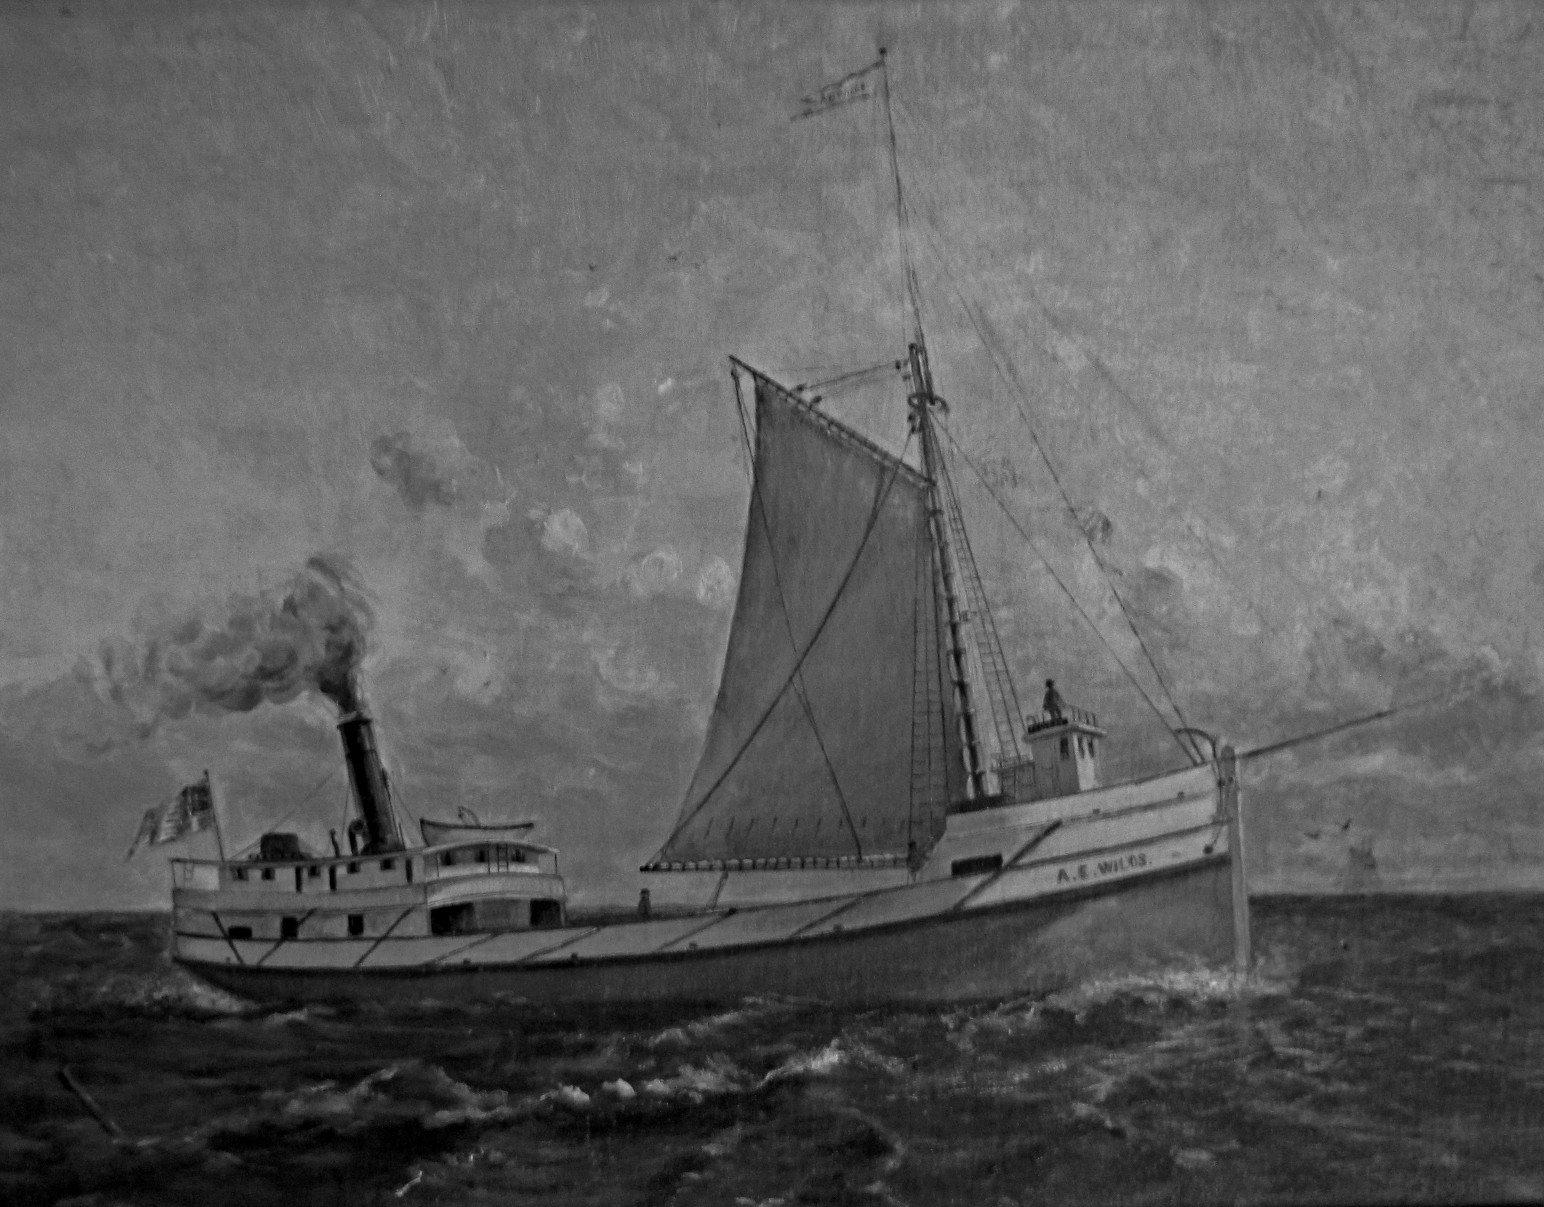 WILDS, ALICE E. (1883, Propeller)